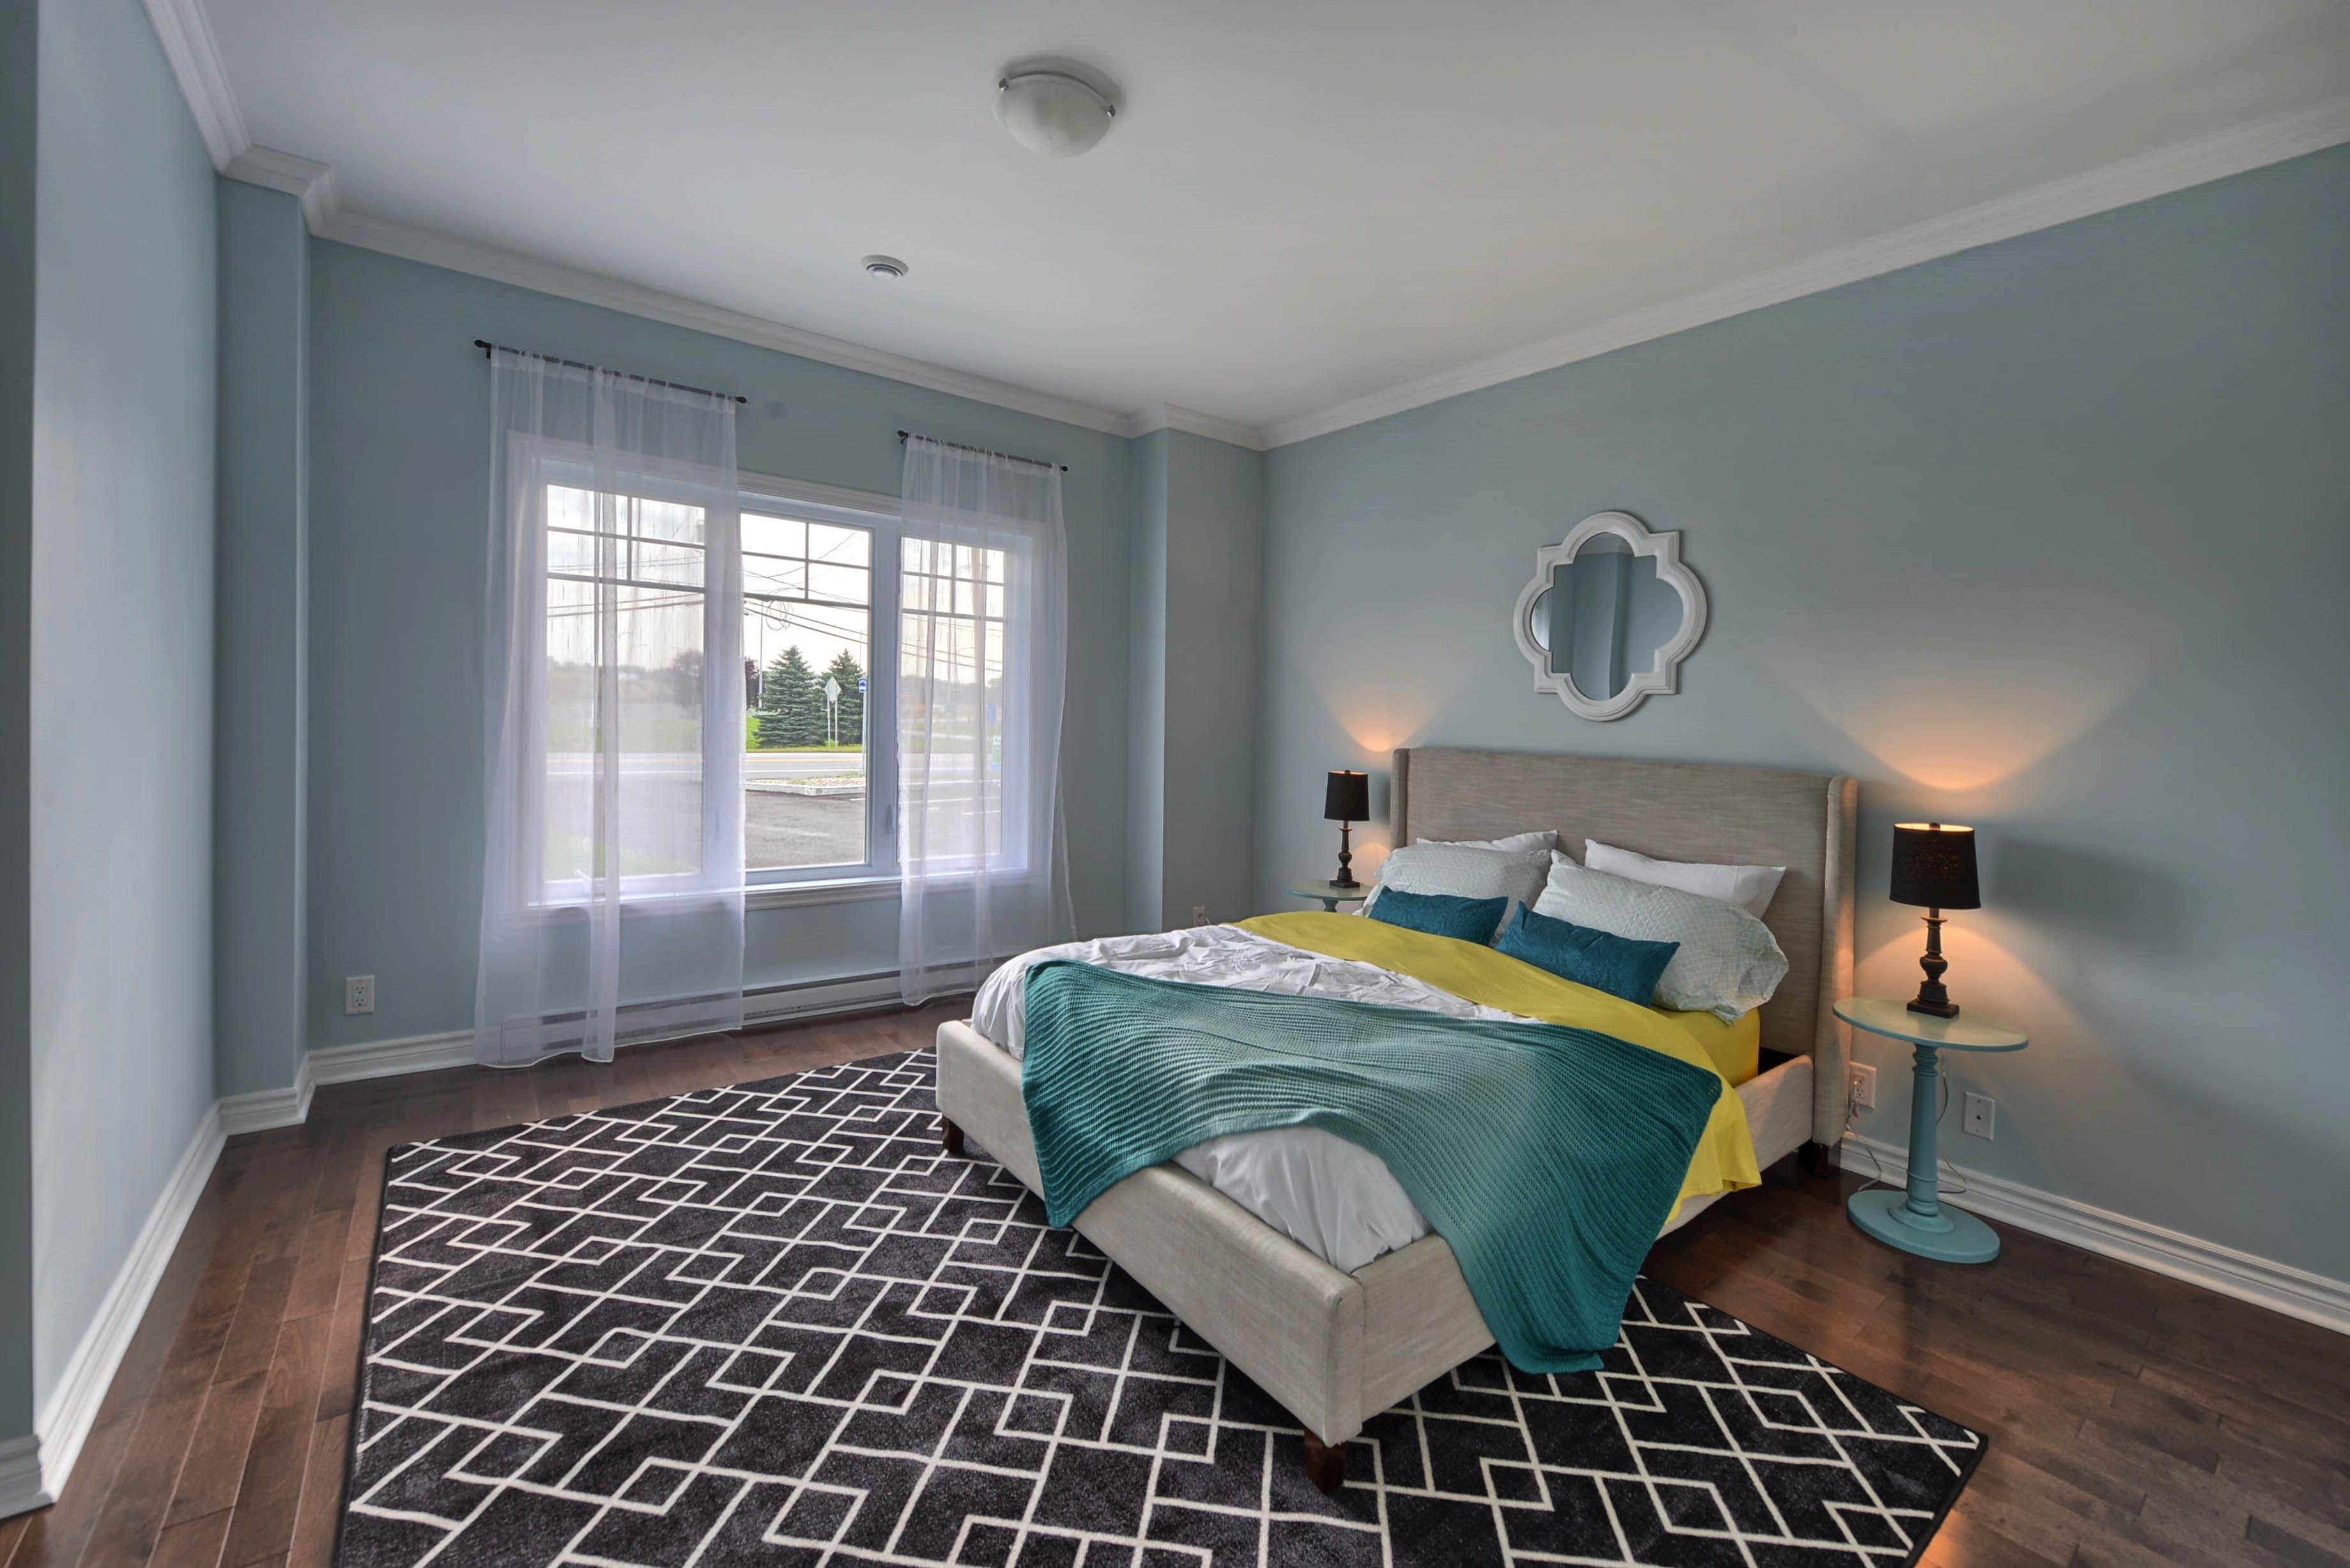 Black Carpet For Bedroom Chambre Coucher Bleu Aqua Tapis Noir Aqua Blue Bedroom Black